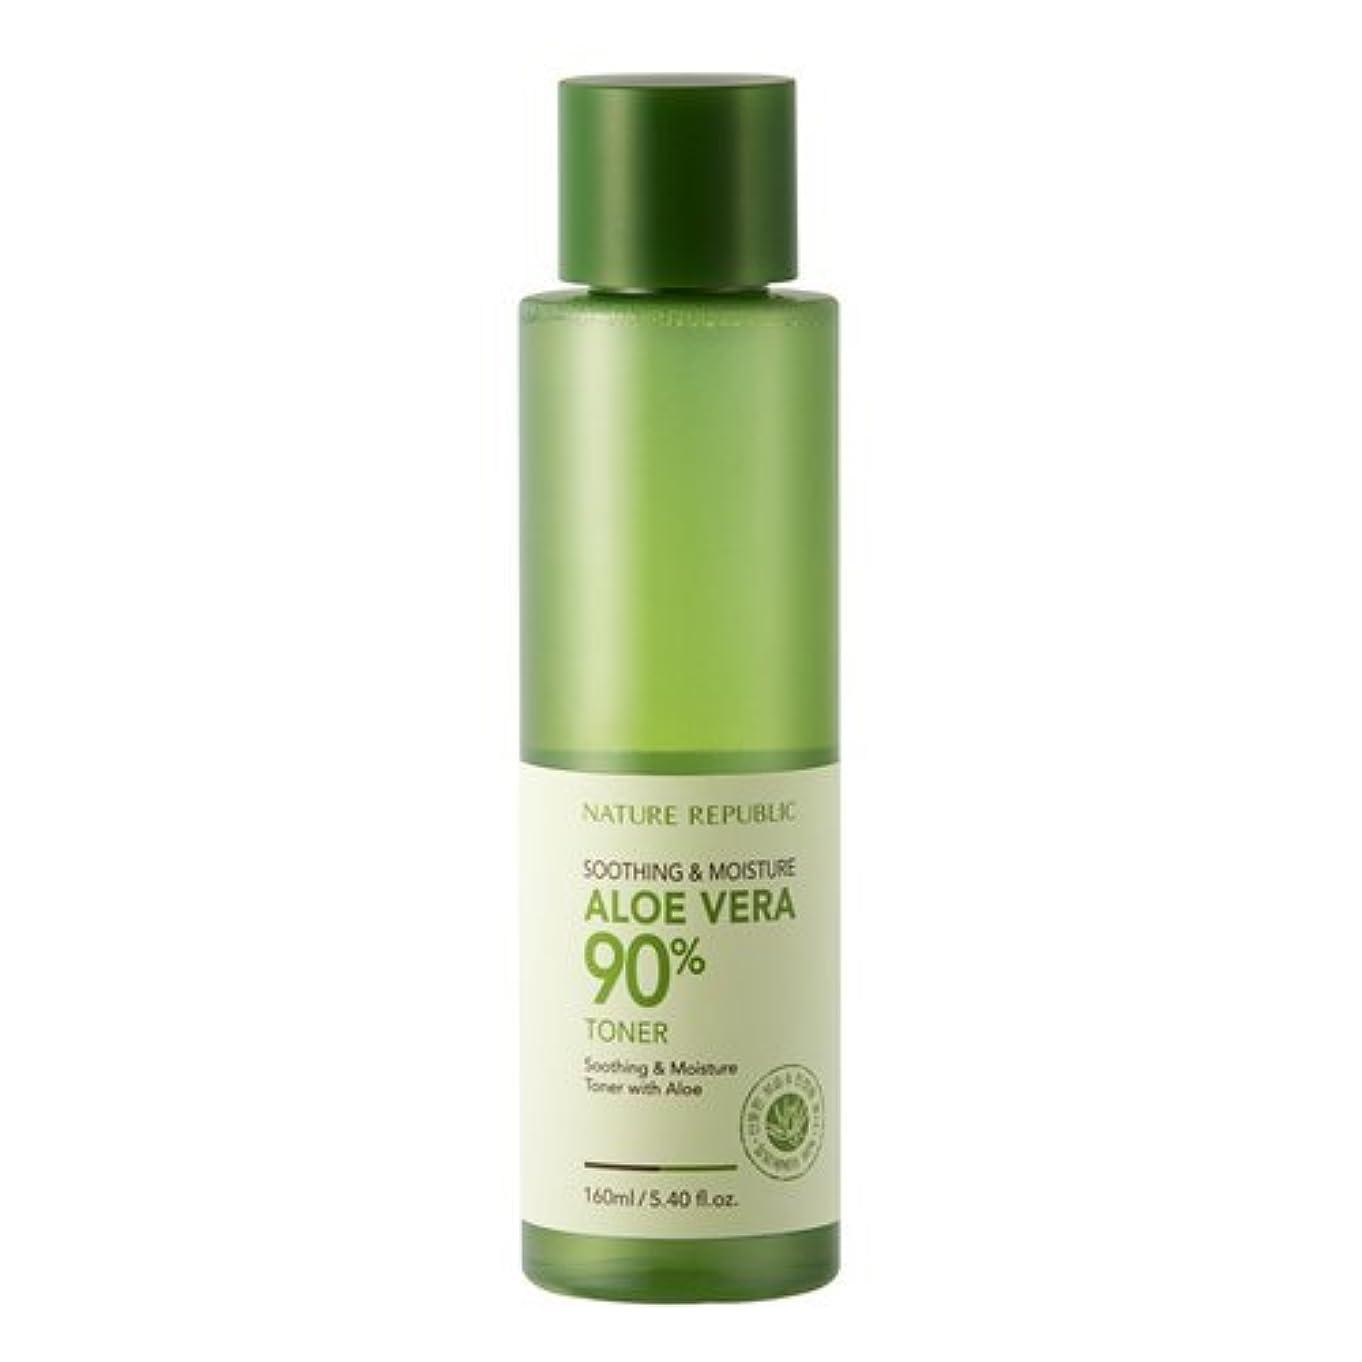 別れるバイソン人事Nature Republic Soothing & Moisture Aloe Vera 90% Toner 160ml